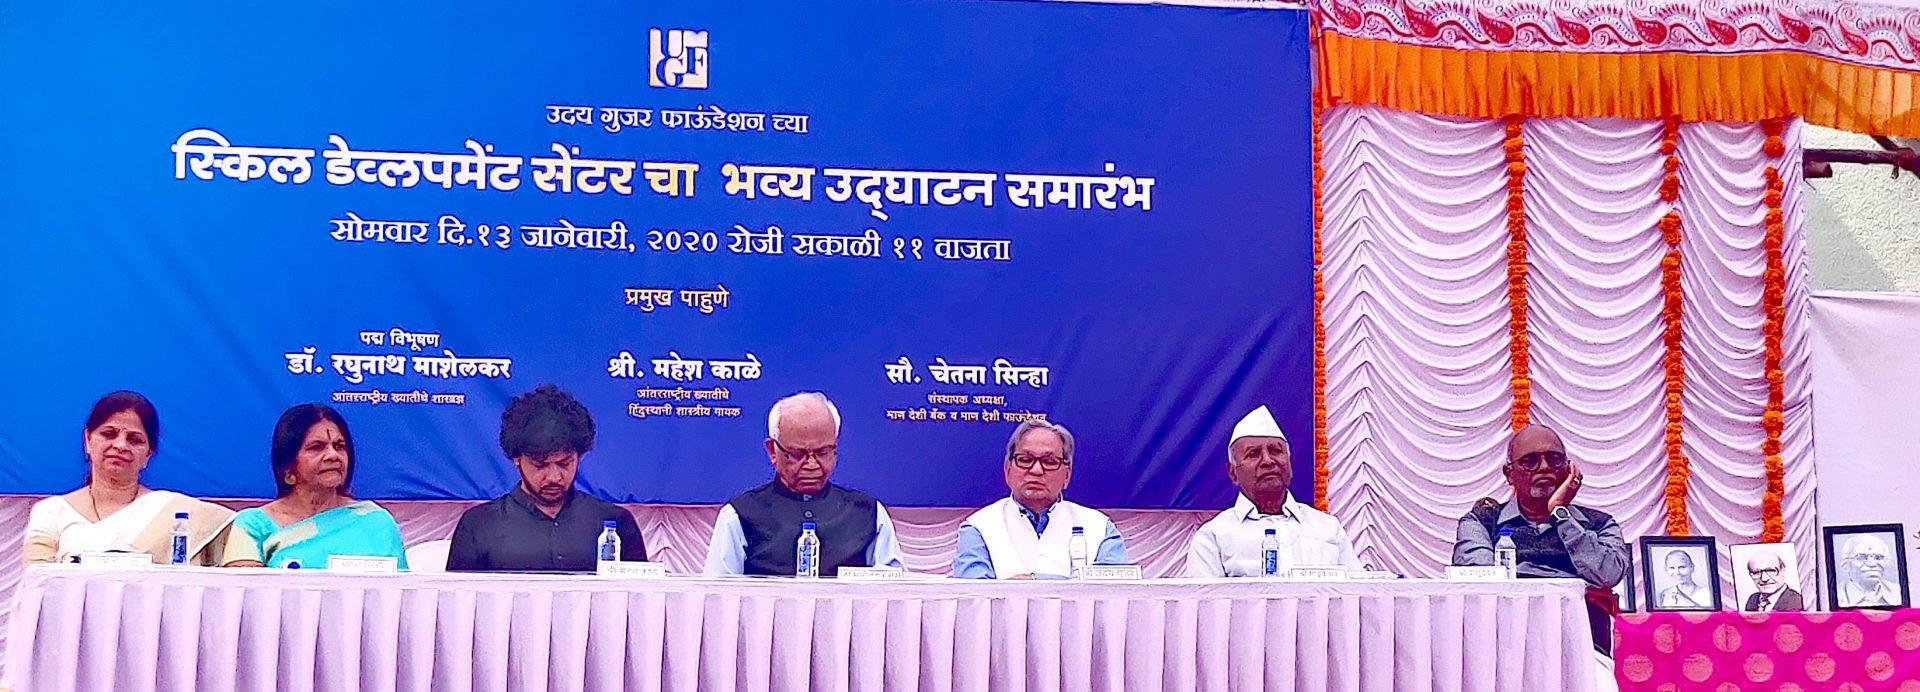 'उदय गुजर फाउंडेशन'च्या कौशल्य विकास केंद्राचे डॉ. रघुनाथ माशेलकर यांच्या हस्ते उद्घाटन